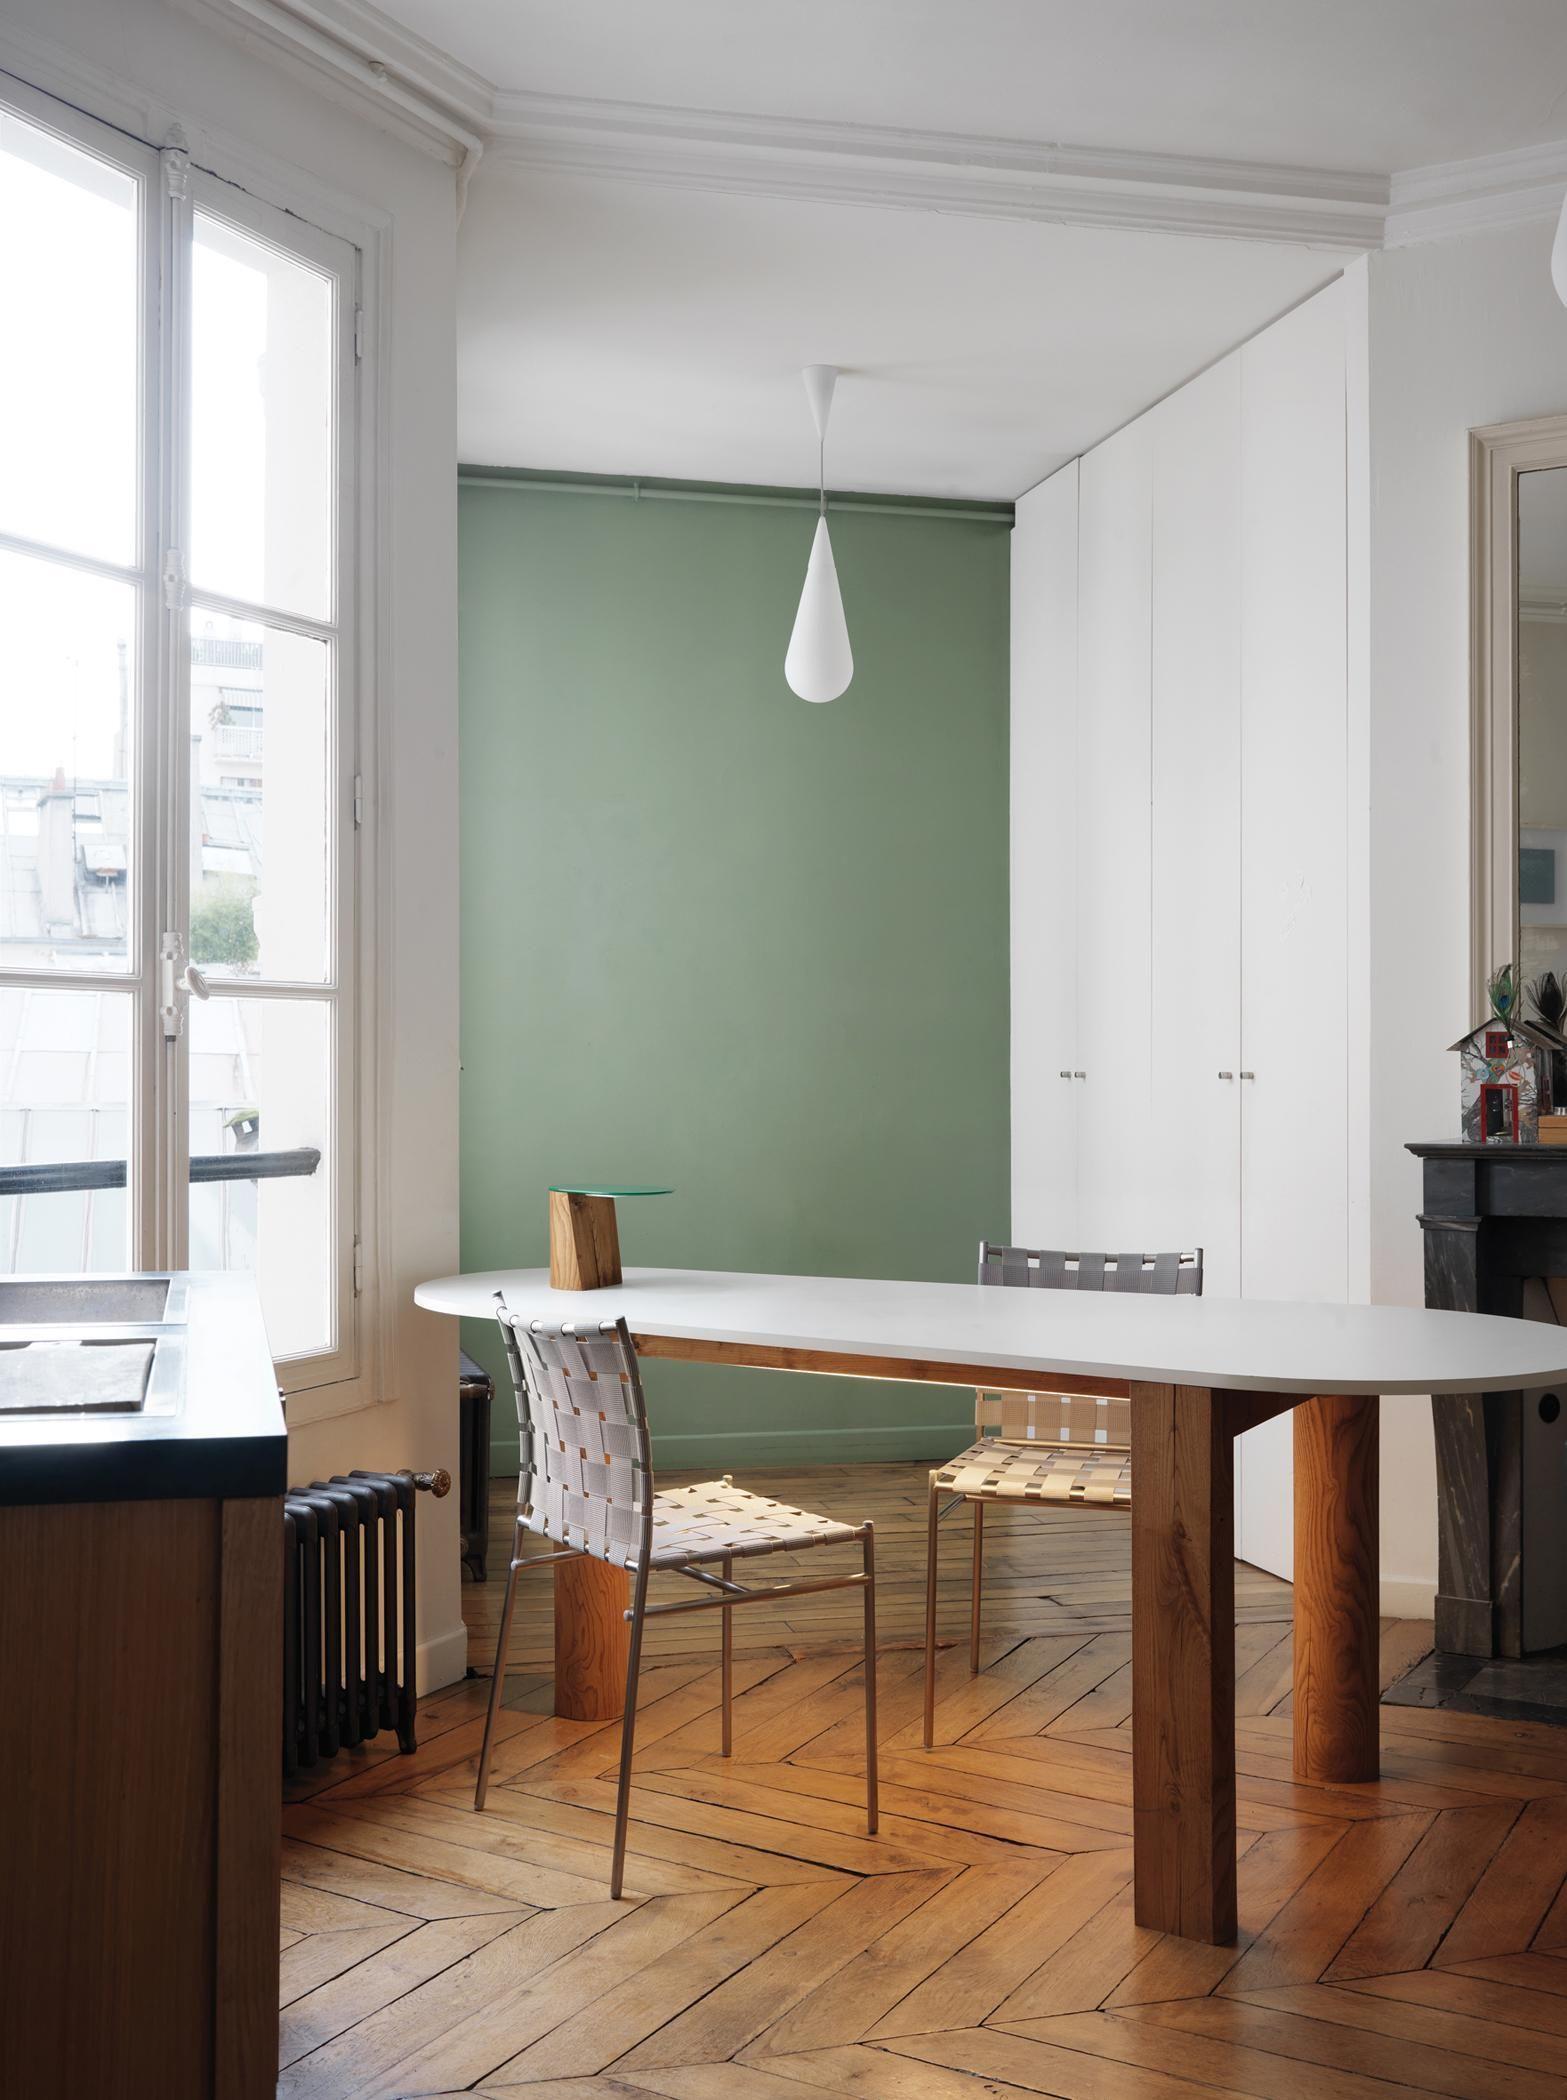 Deckenleuchte In Tropfenform Dielenboden Wandfarbe Wandfarbe Wohnzimmer Grunraumgestaltung Wohnzimmerfarbe